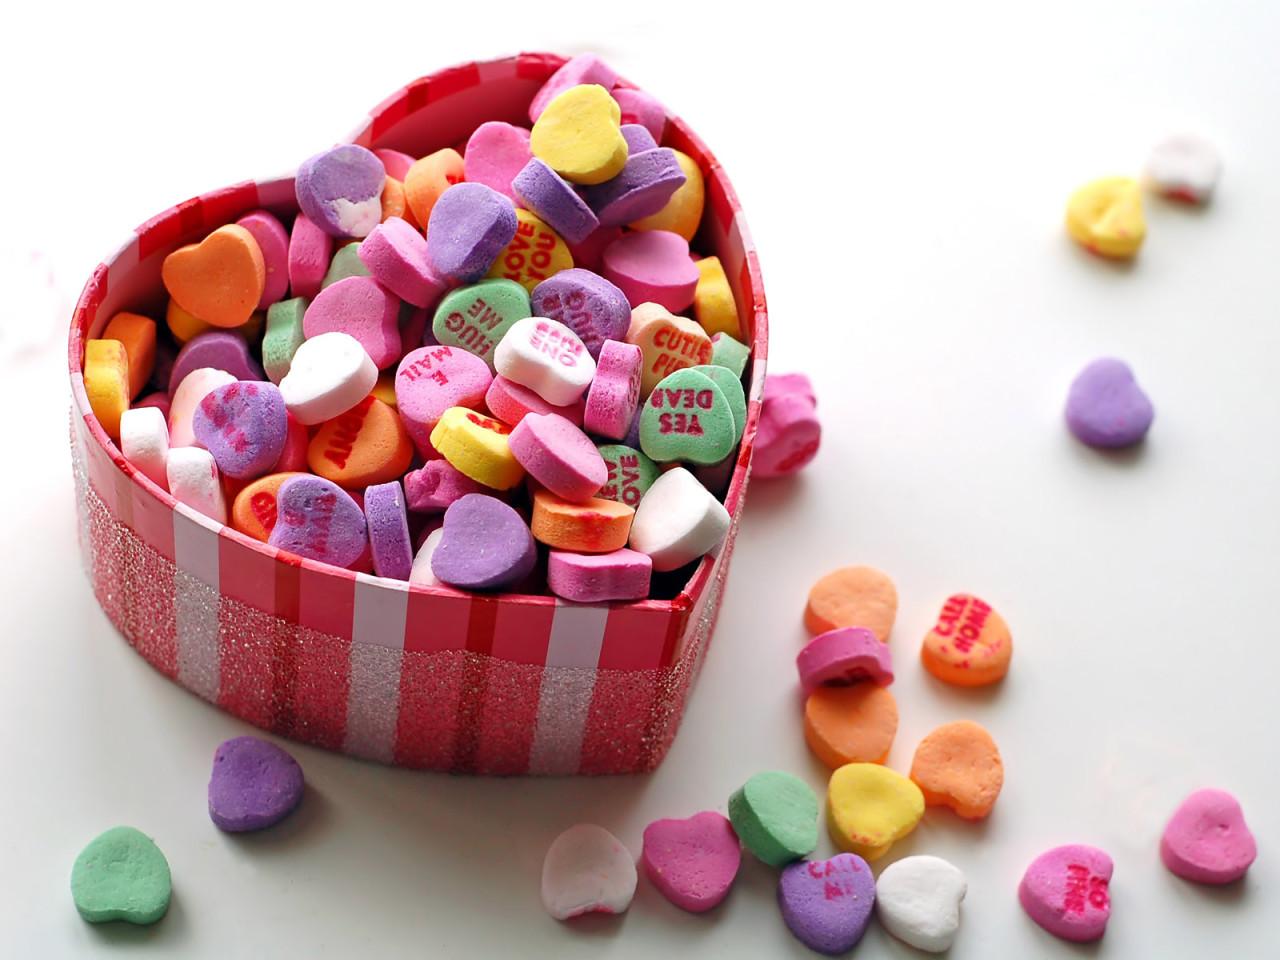 обои для рабочего стола коробка конфеты № 610479 бесплатно